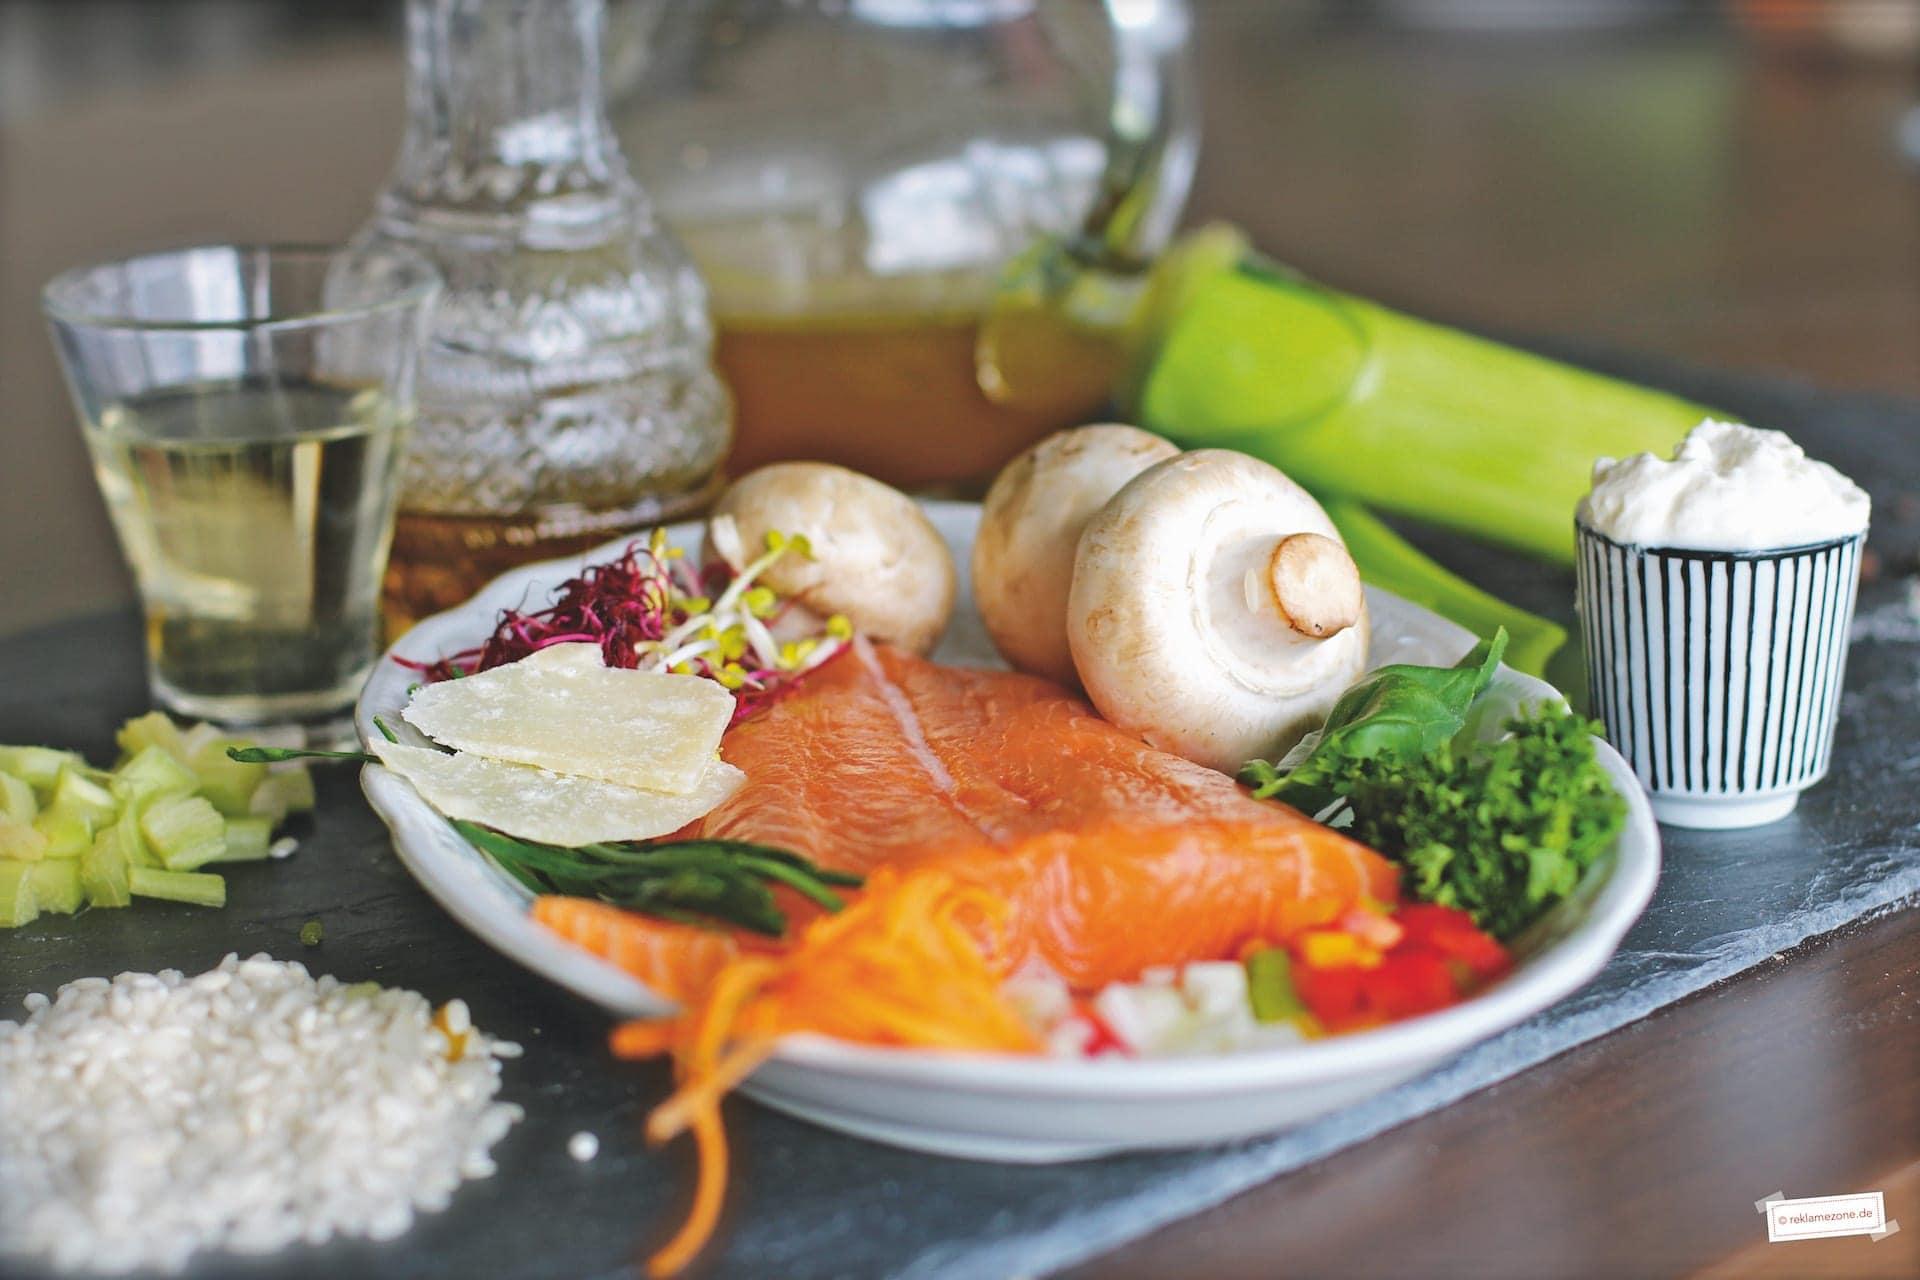 Reisgerichte, Risotto mit Lachs - Foto: reklamezone.de